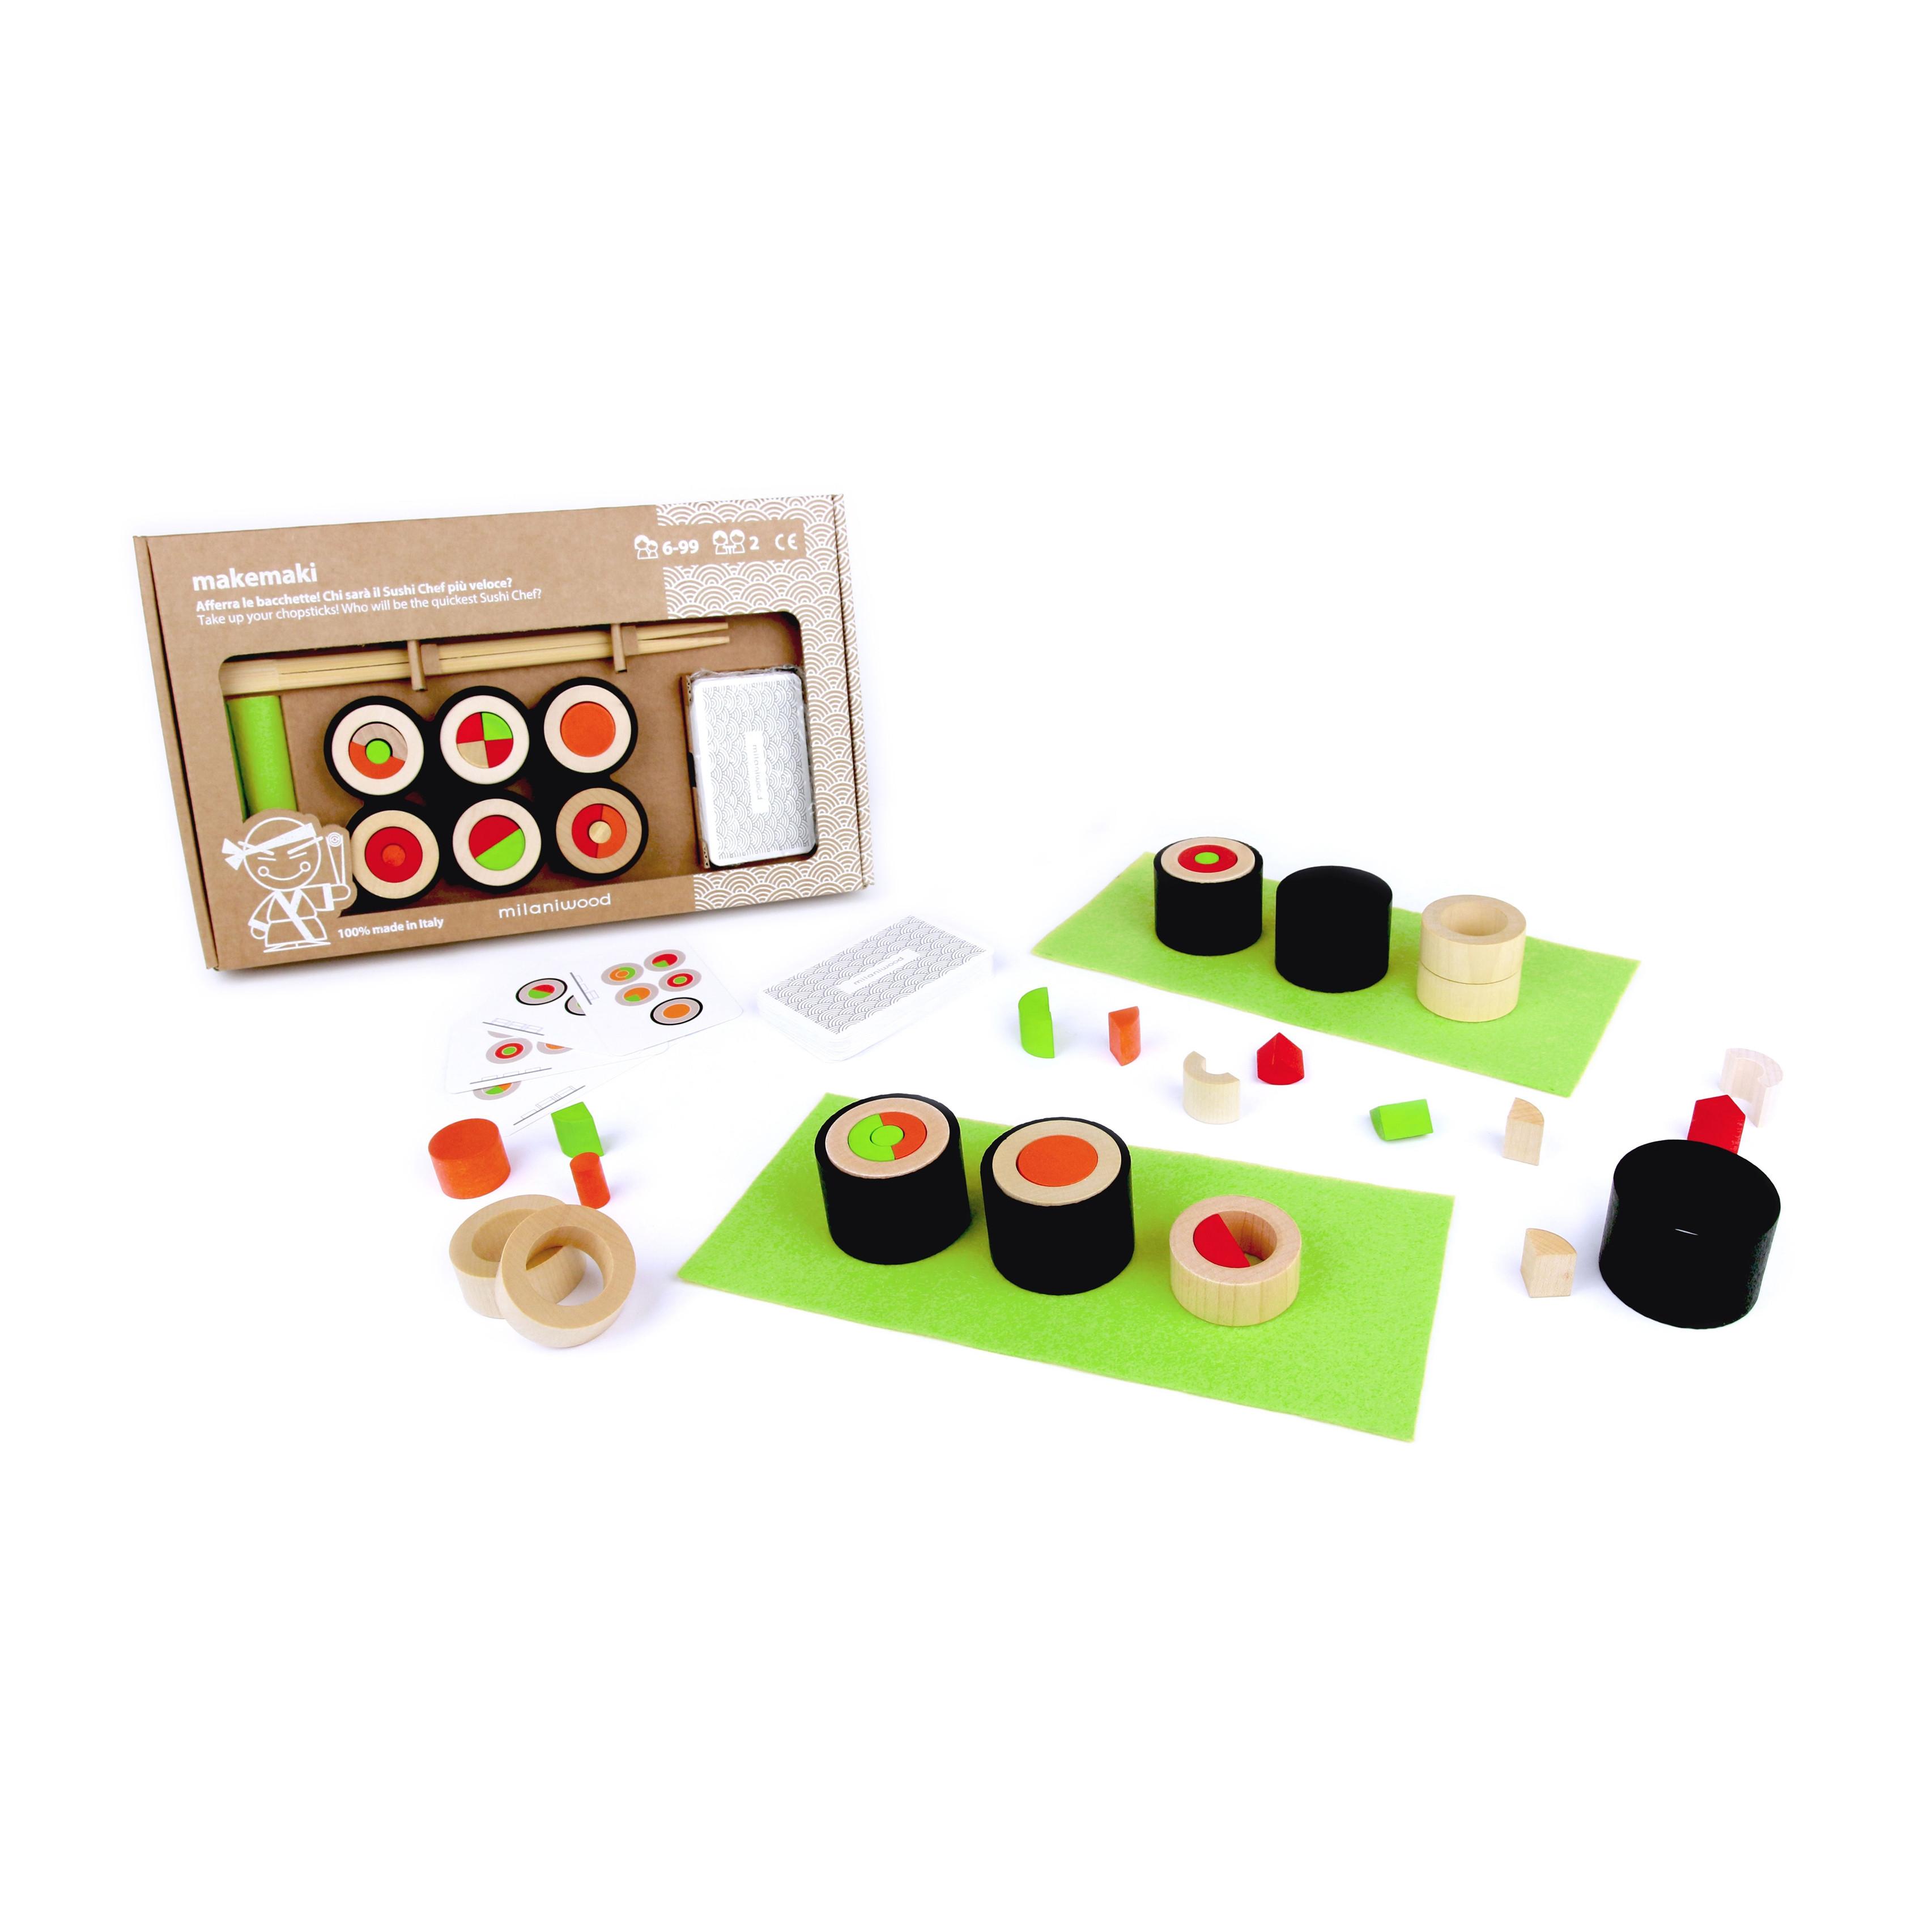 top kwaliteit verkoop usa online 50% prijs Makemaki sushi-spel - Houtspel - Duurzaam houten speelgoed